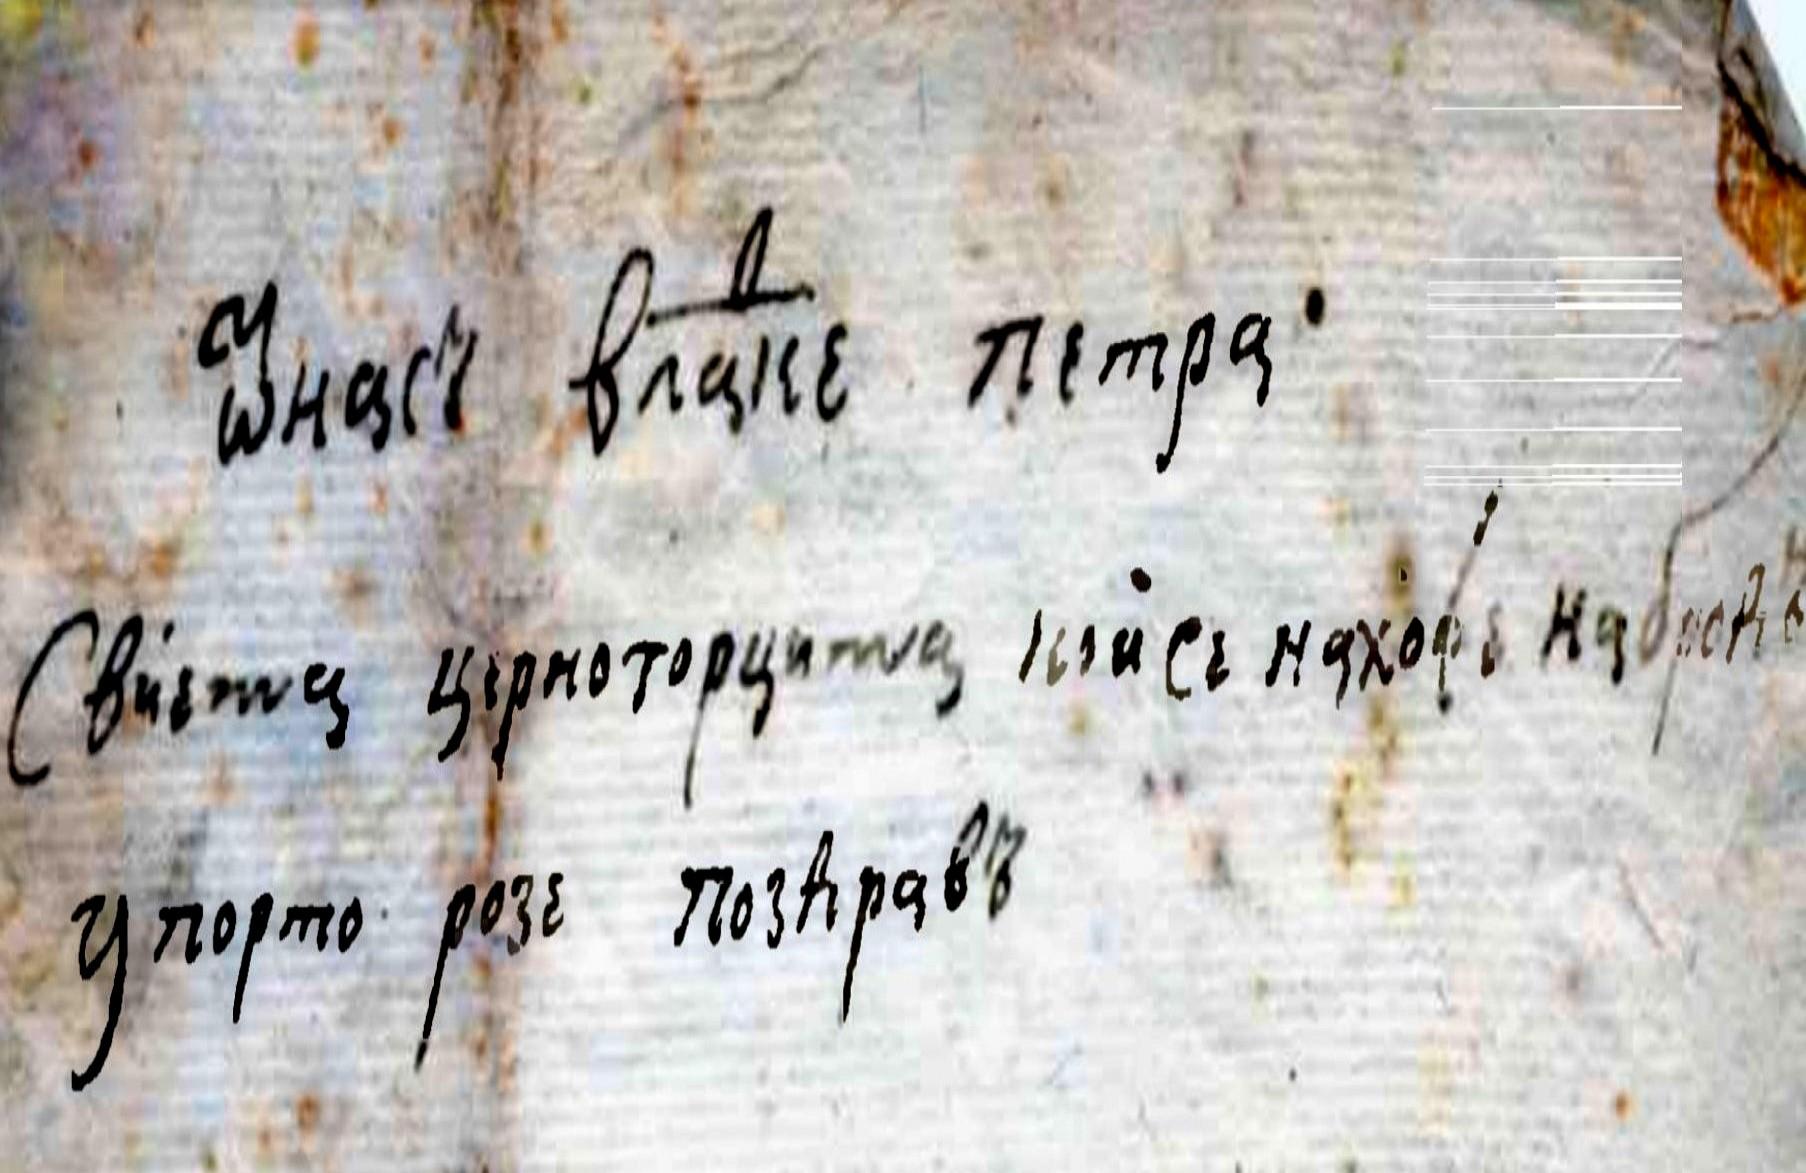 CRNOGORSKI JEZIK – ruska korespondencija iz 1846. godine